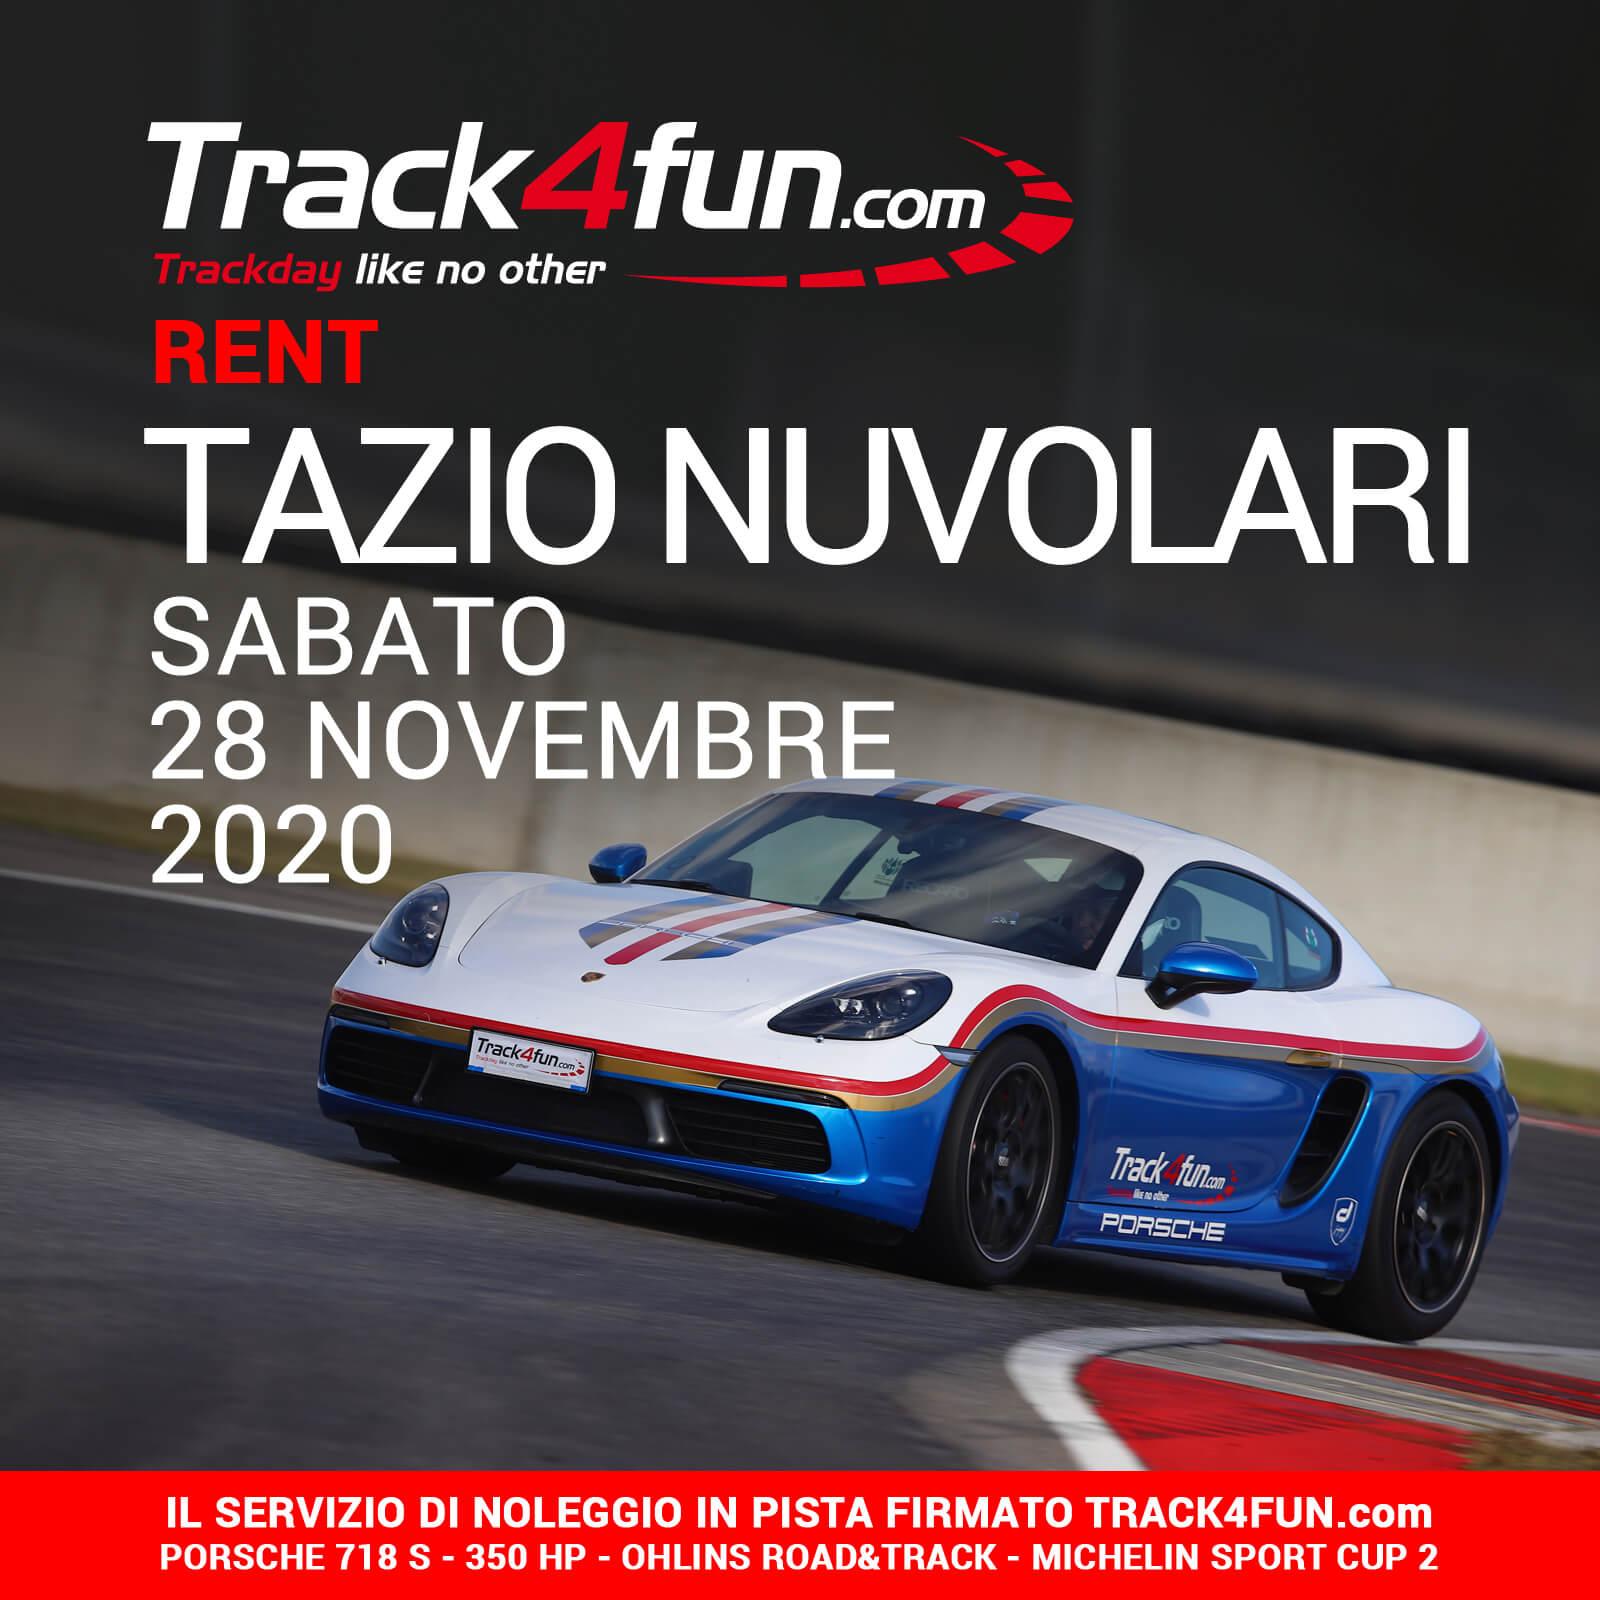 Track4fun Rent Tazio Nuvolari 28-11-2020